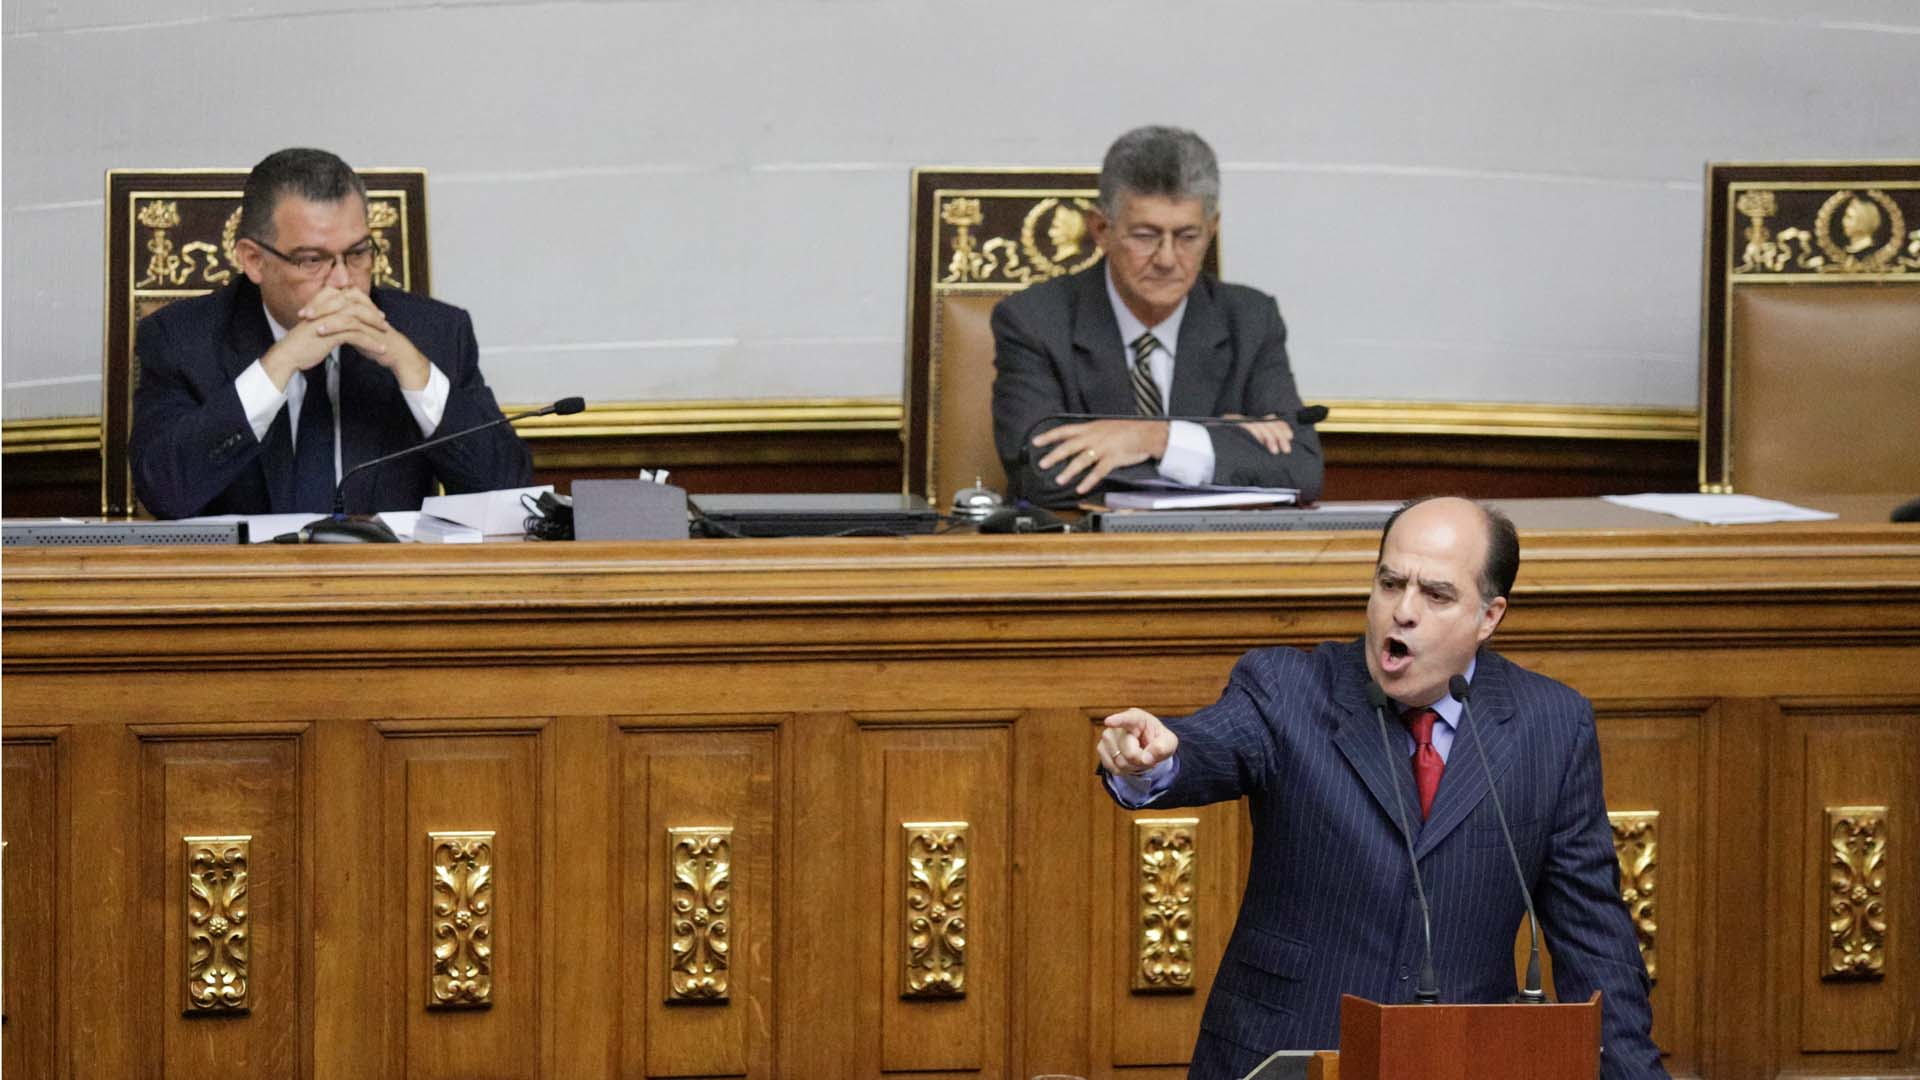 La mayoría calificada del Parlamento venezolano aprobó un Acuerdo que consta de diez medidas claves para la defensa nacional